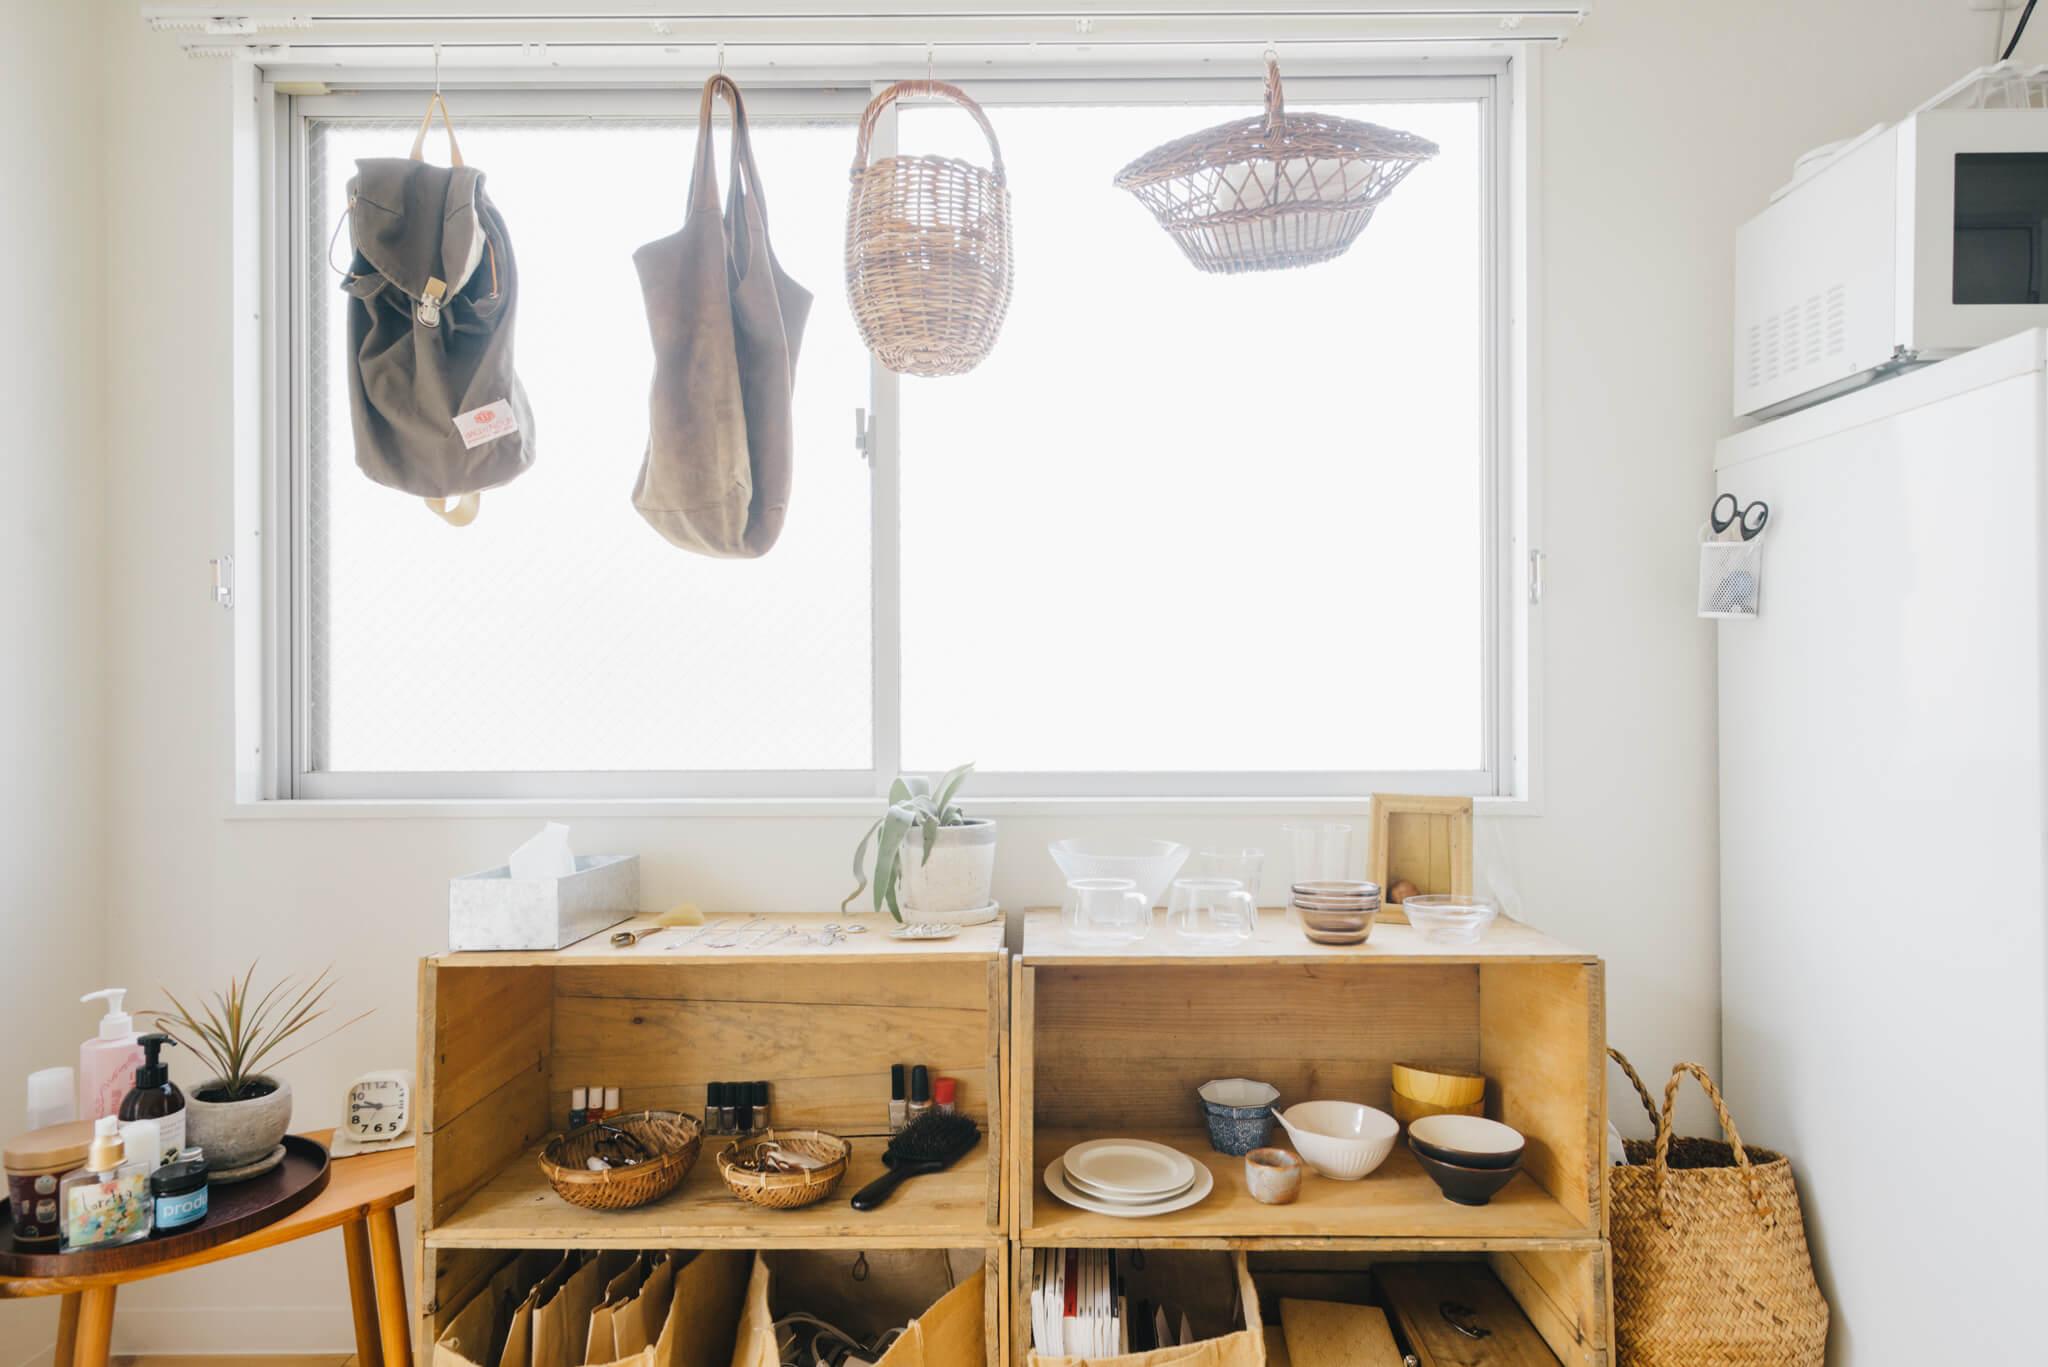 高い場所にある吊り戸棚を無理して使わず、こんな風に毎日使う食器を飾って置くのも素敵。(このお部屋はこちら)